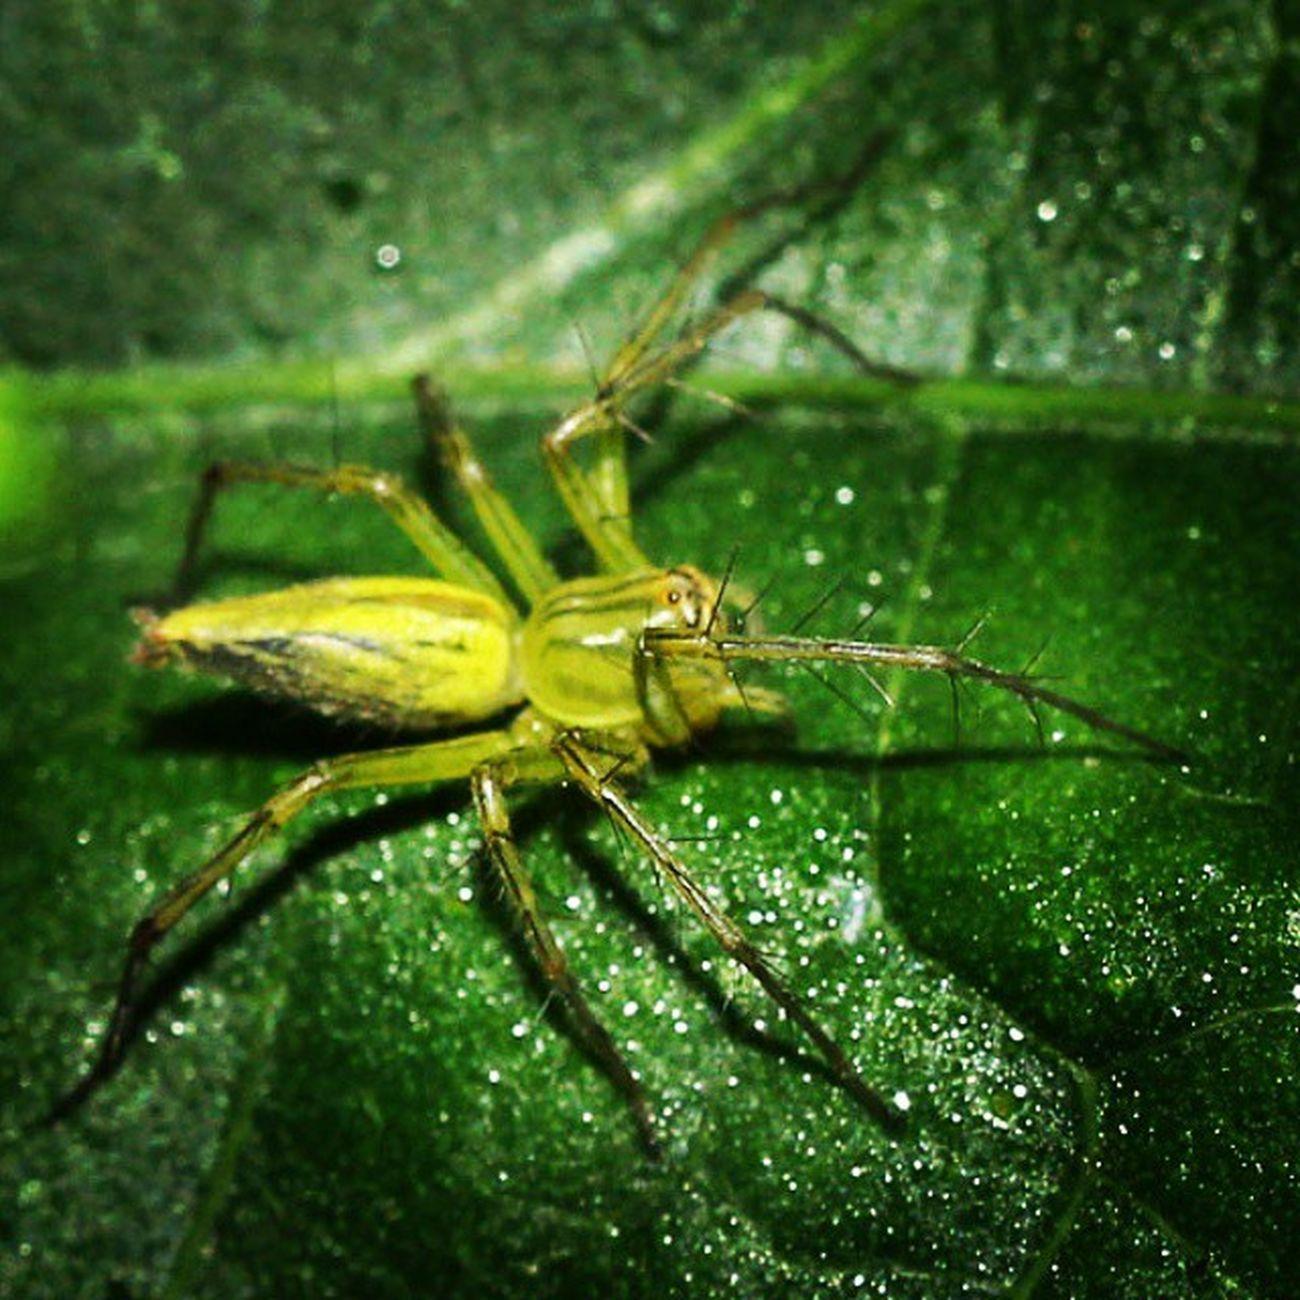 Merayap mengintip mangsa. Spider Spiderworld Ig_spiders Ig_spider labalaba green_green